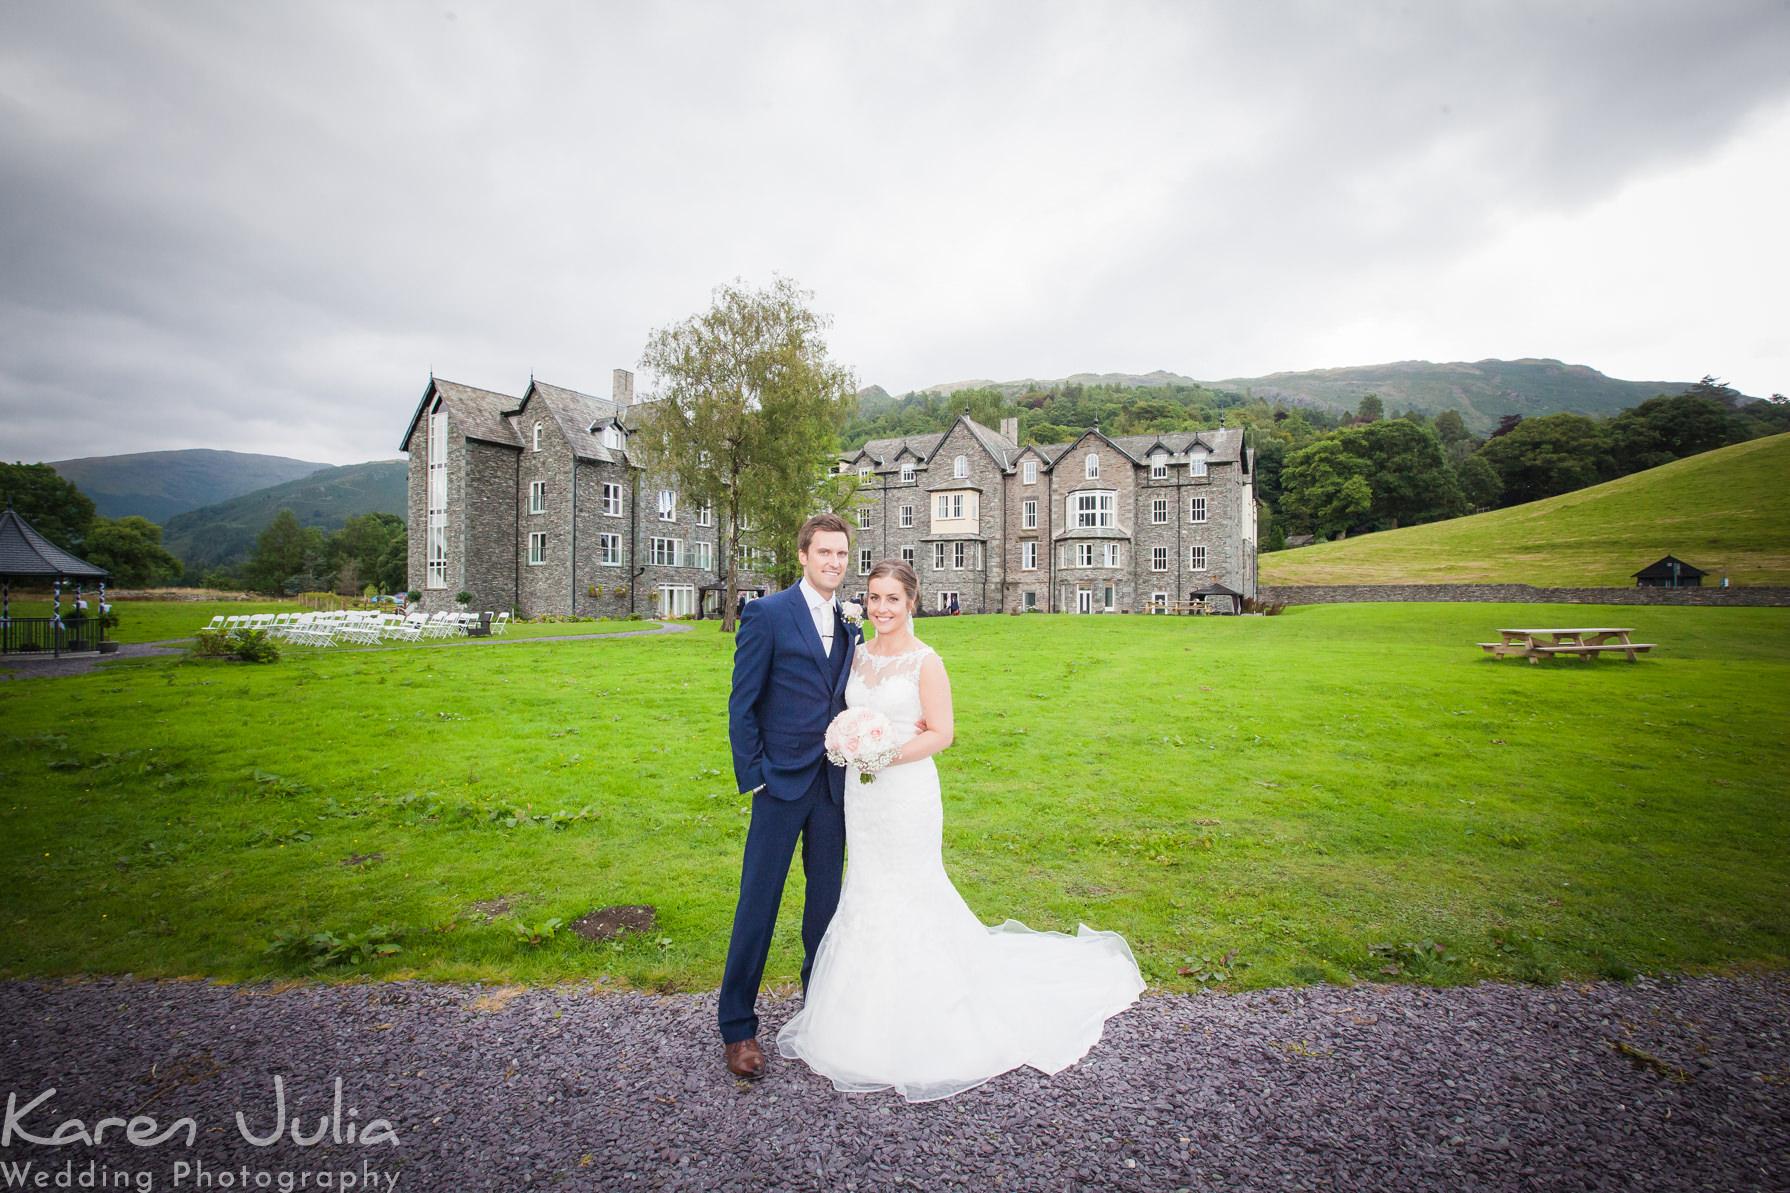 bride and groom portrait at Daffodil Hotel & Spa Wedding